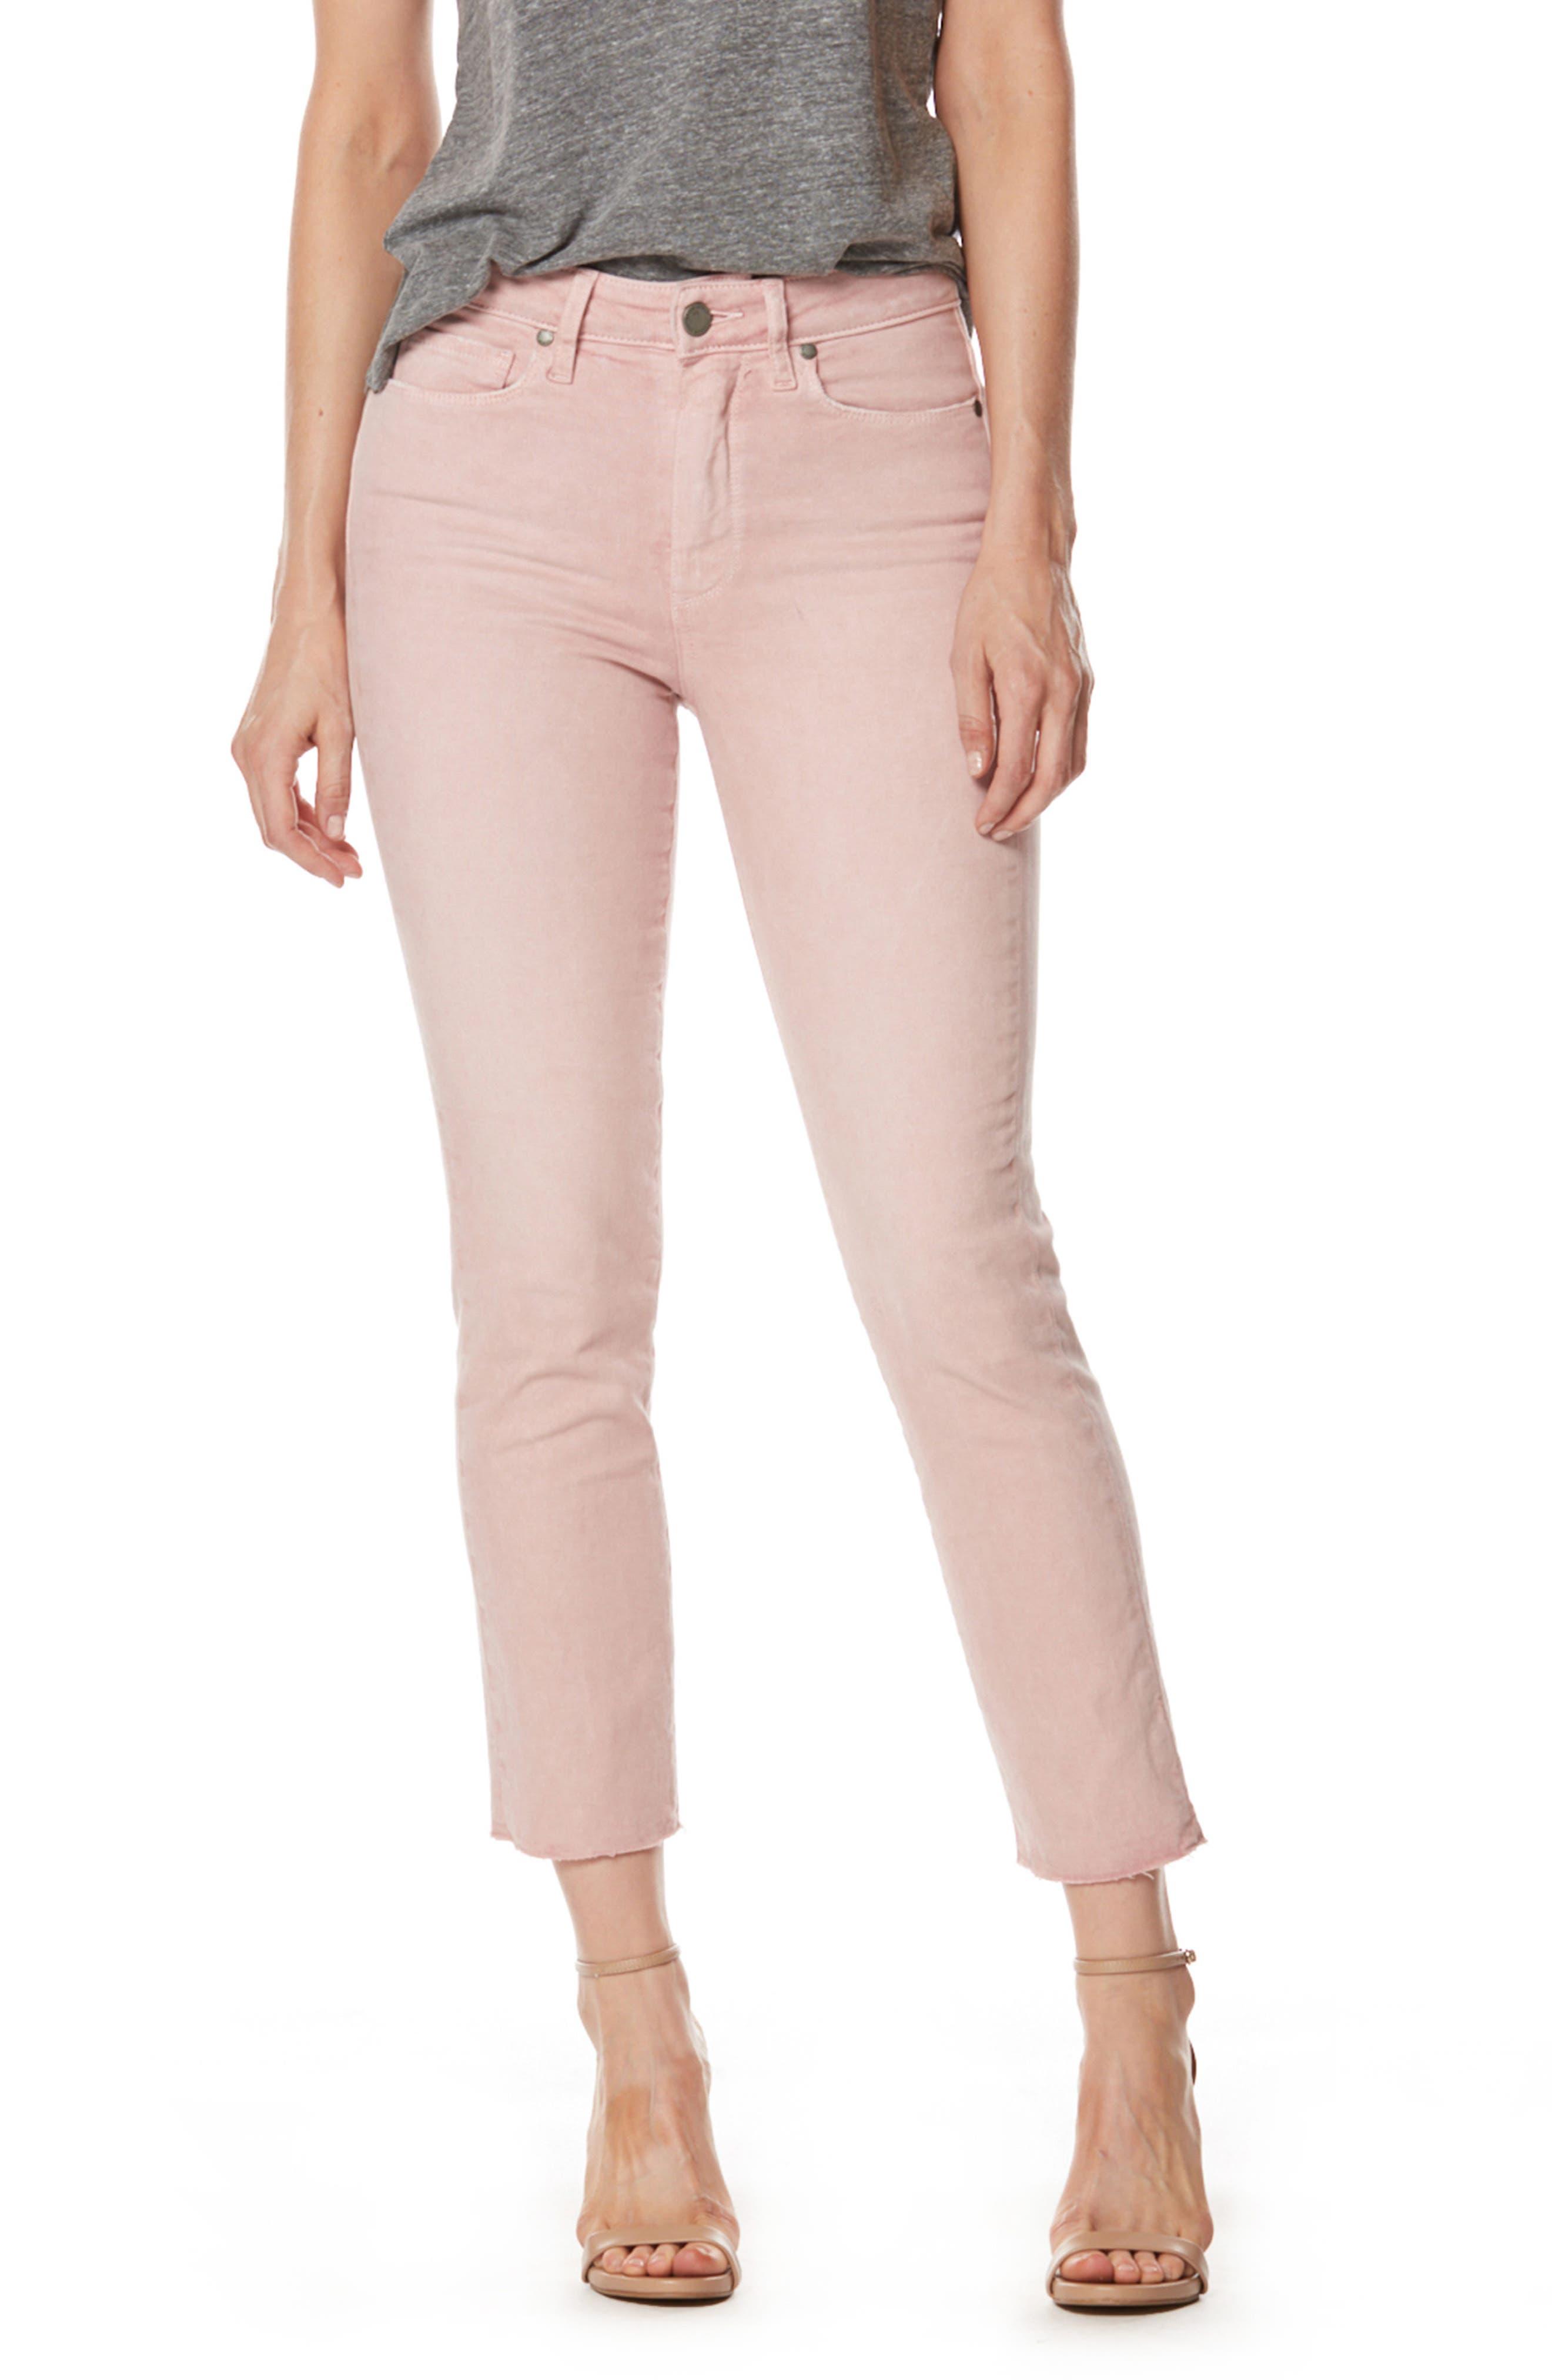 PAIGE Jacqueline High Waist Crop Straight Leg Jeans